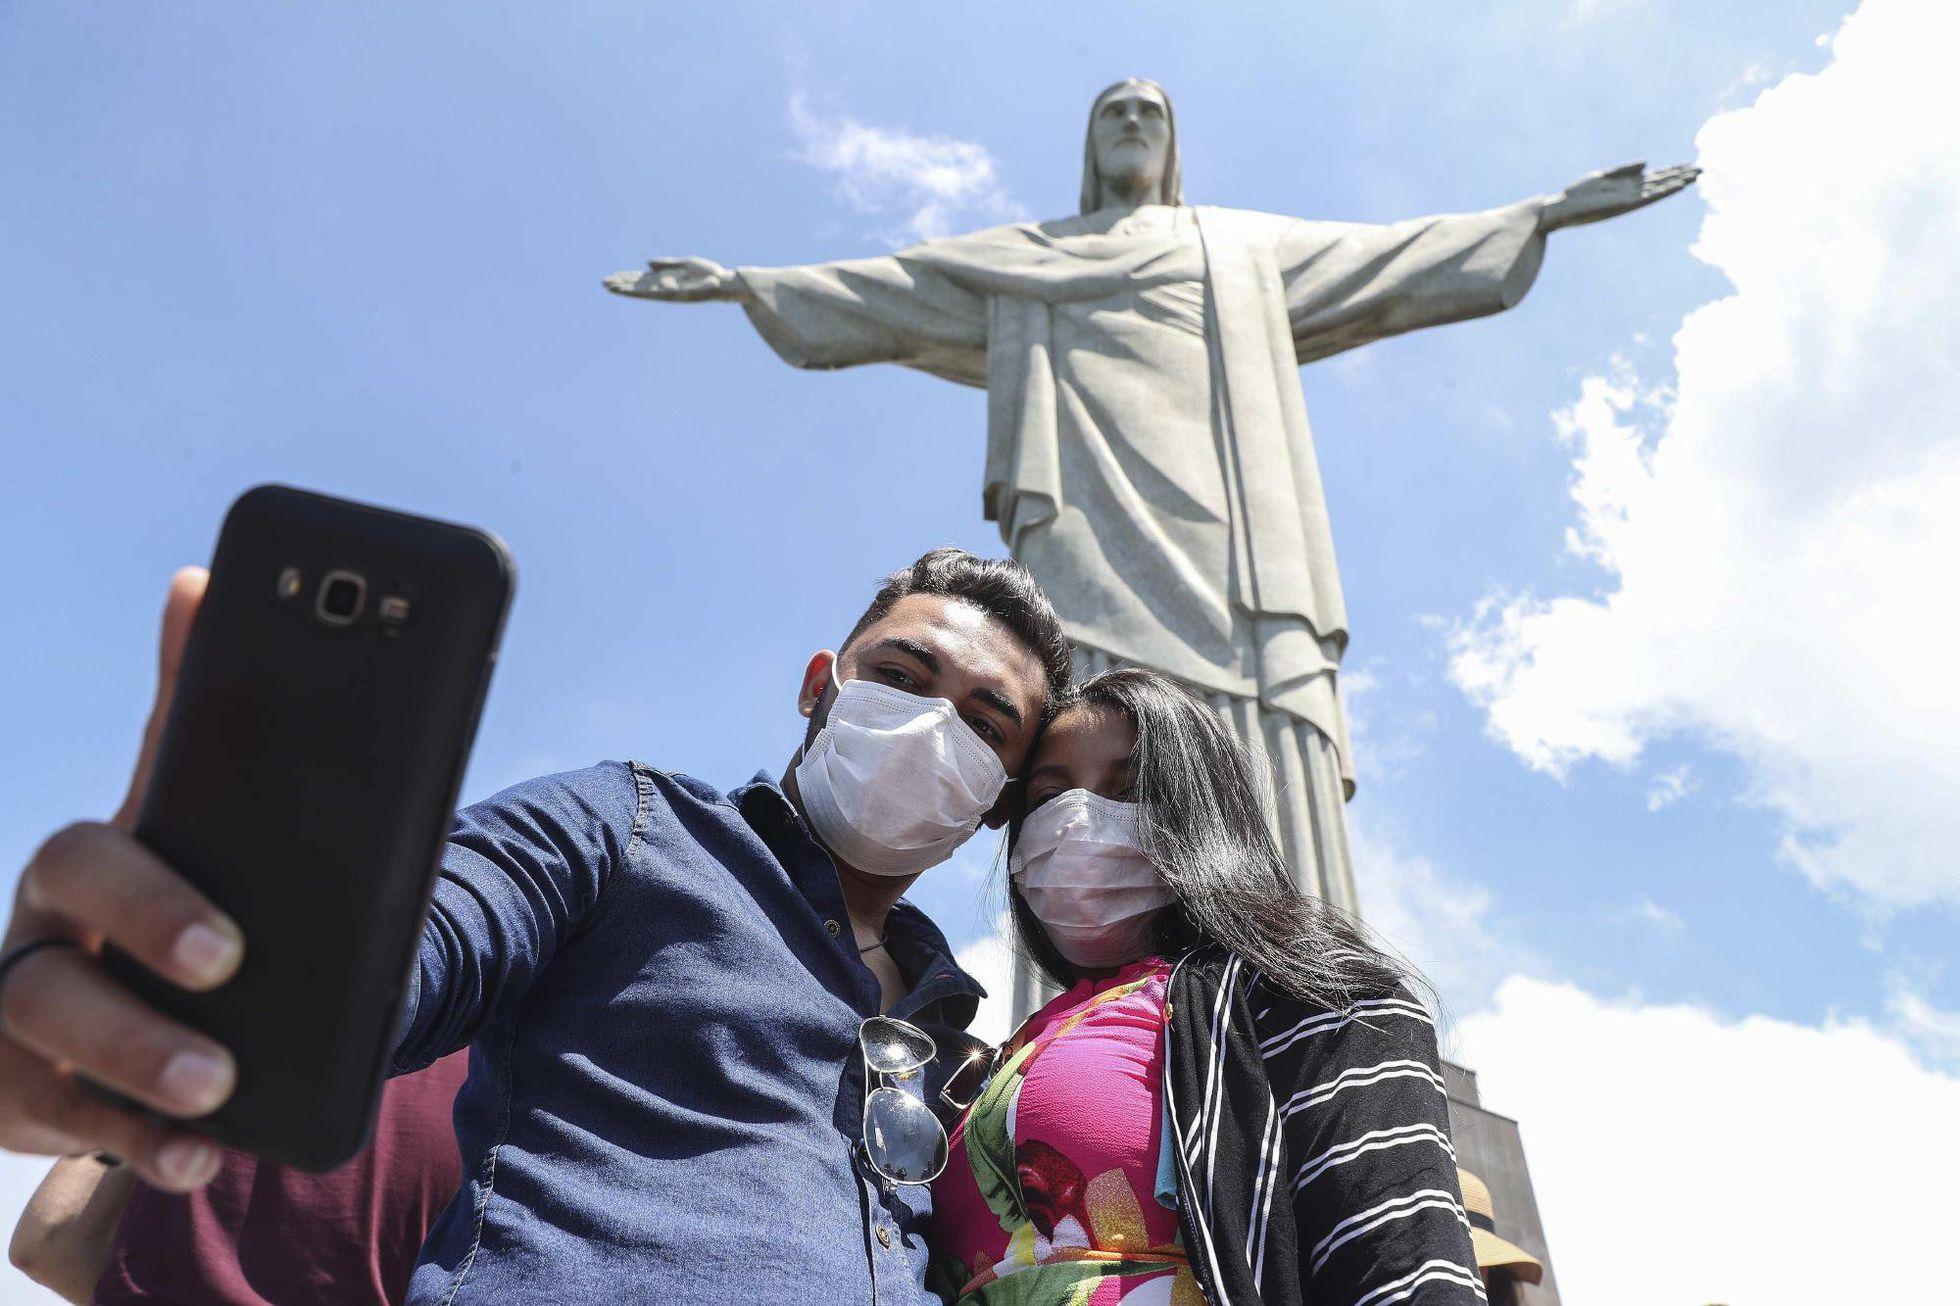 Brasil invertirá 1.000 millones de dólares para reimpulsar la reapertura del turismo